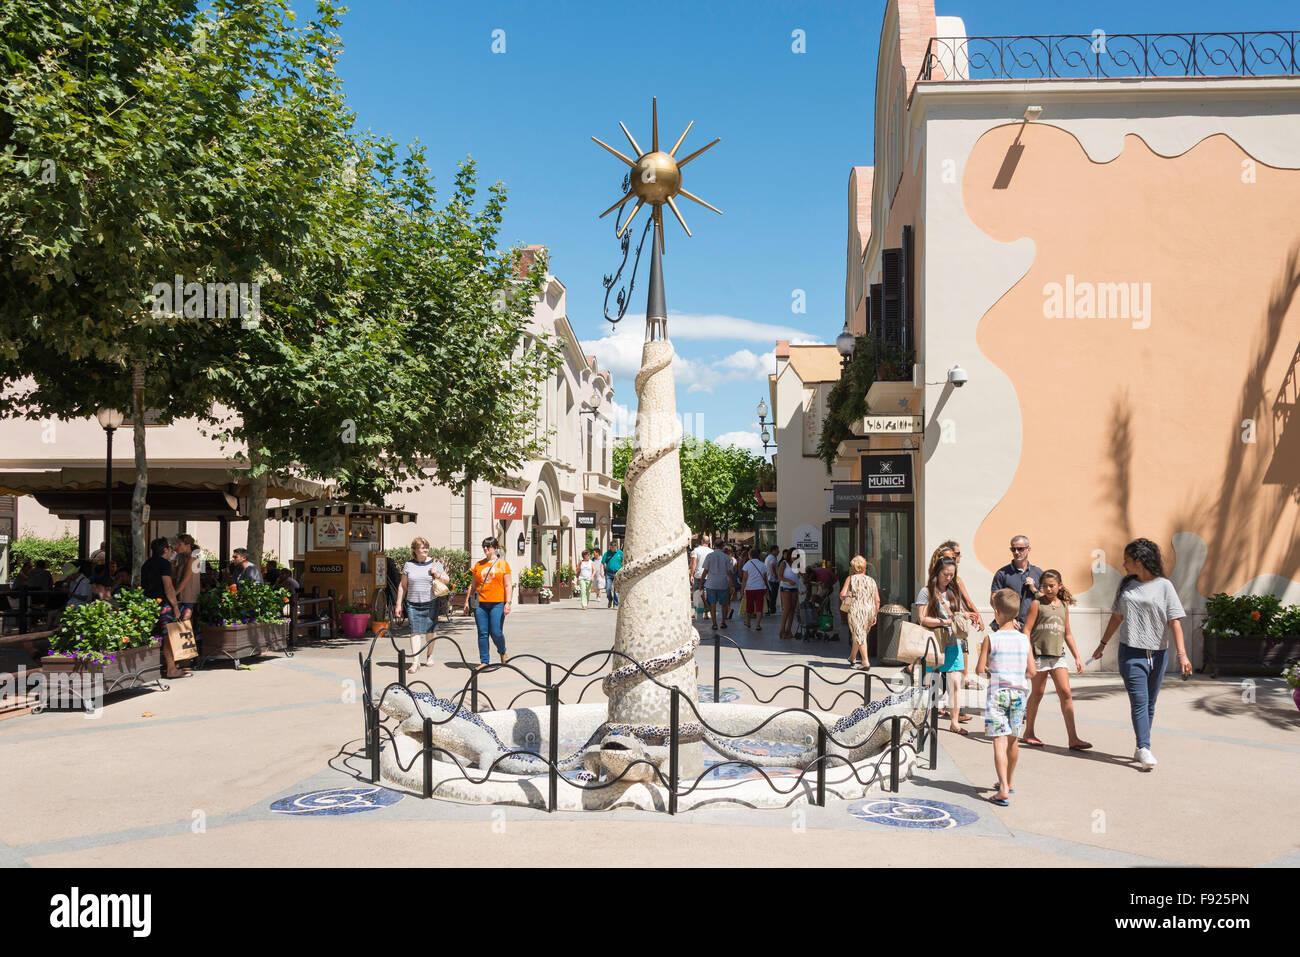 La Roca Village (Designer Outlet Shopping), La Roca del Vallès, Barcelona, Province of Barcelona, Catalonia, - Stock Image